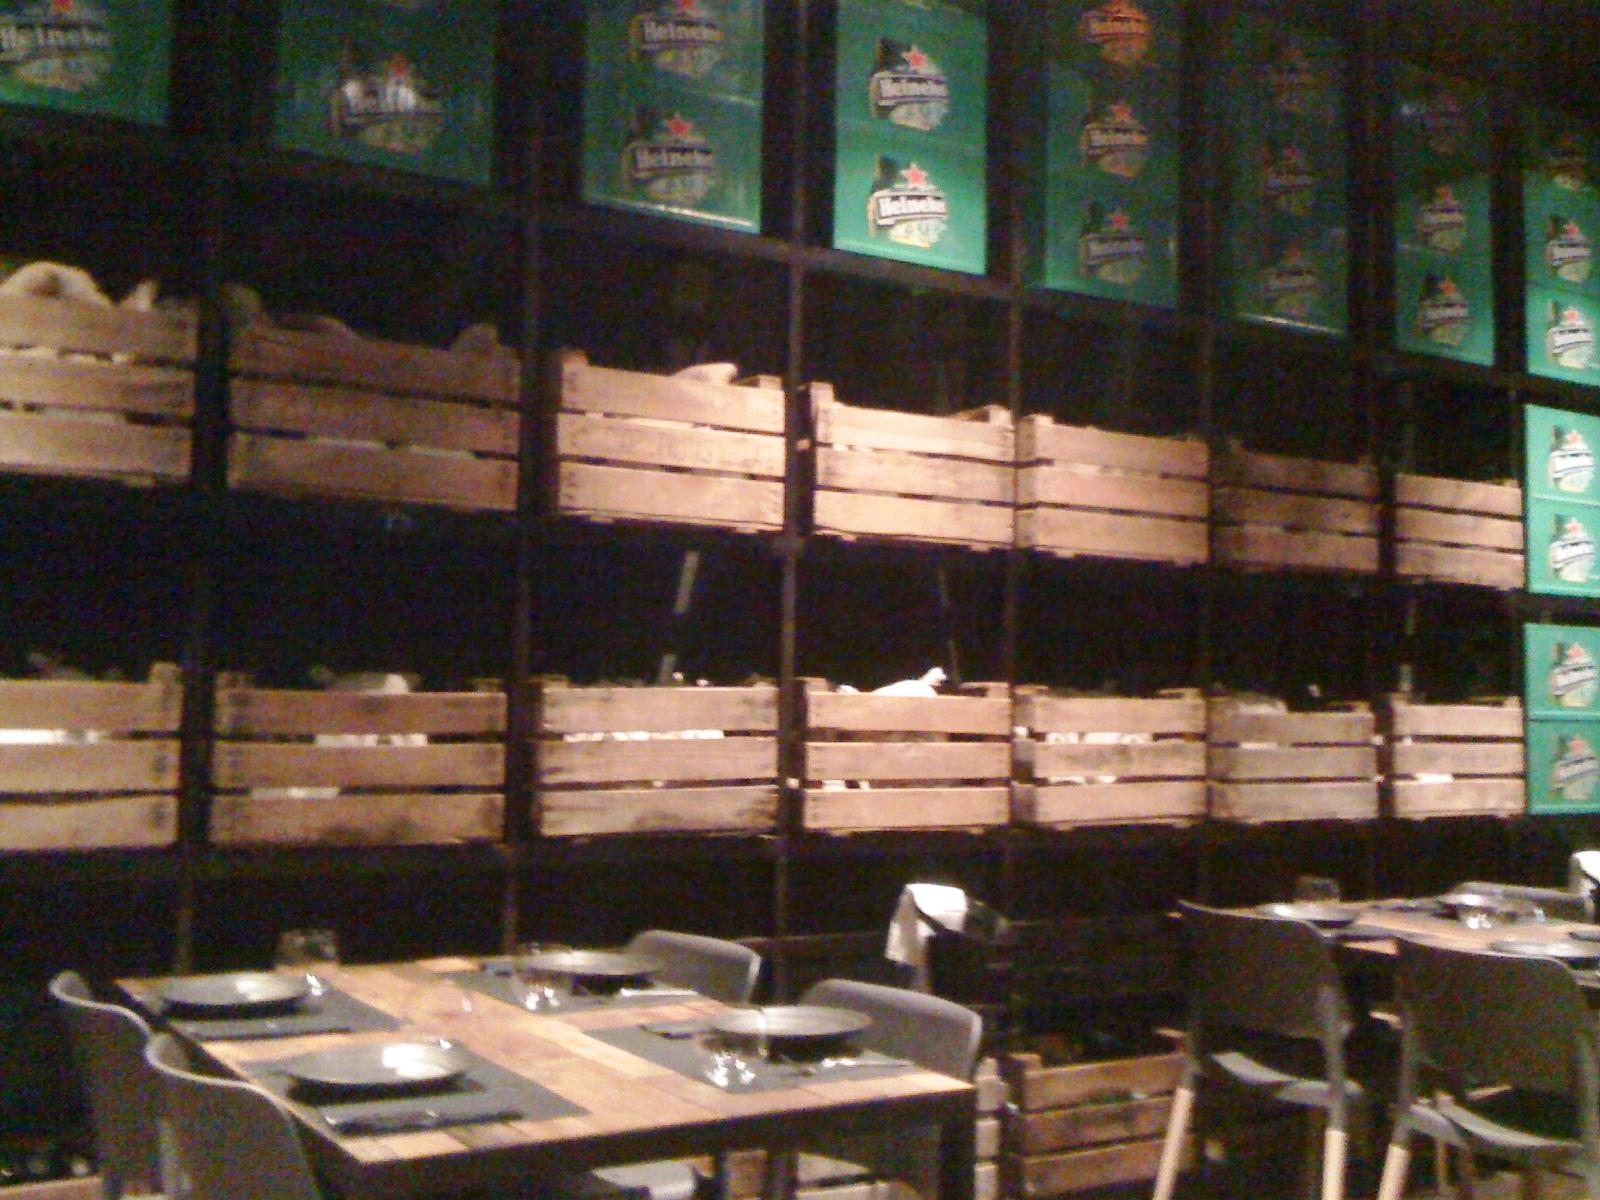 Restaurante Canalla Bistro Detalle de la sala